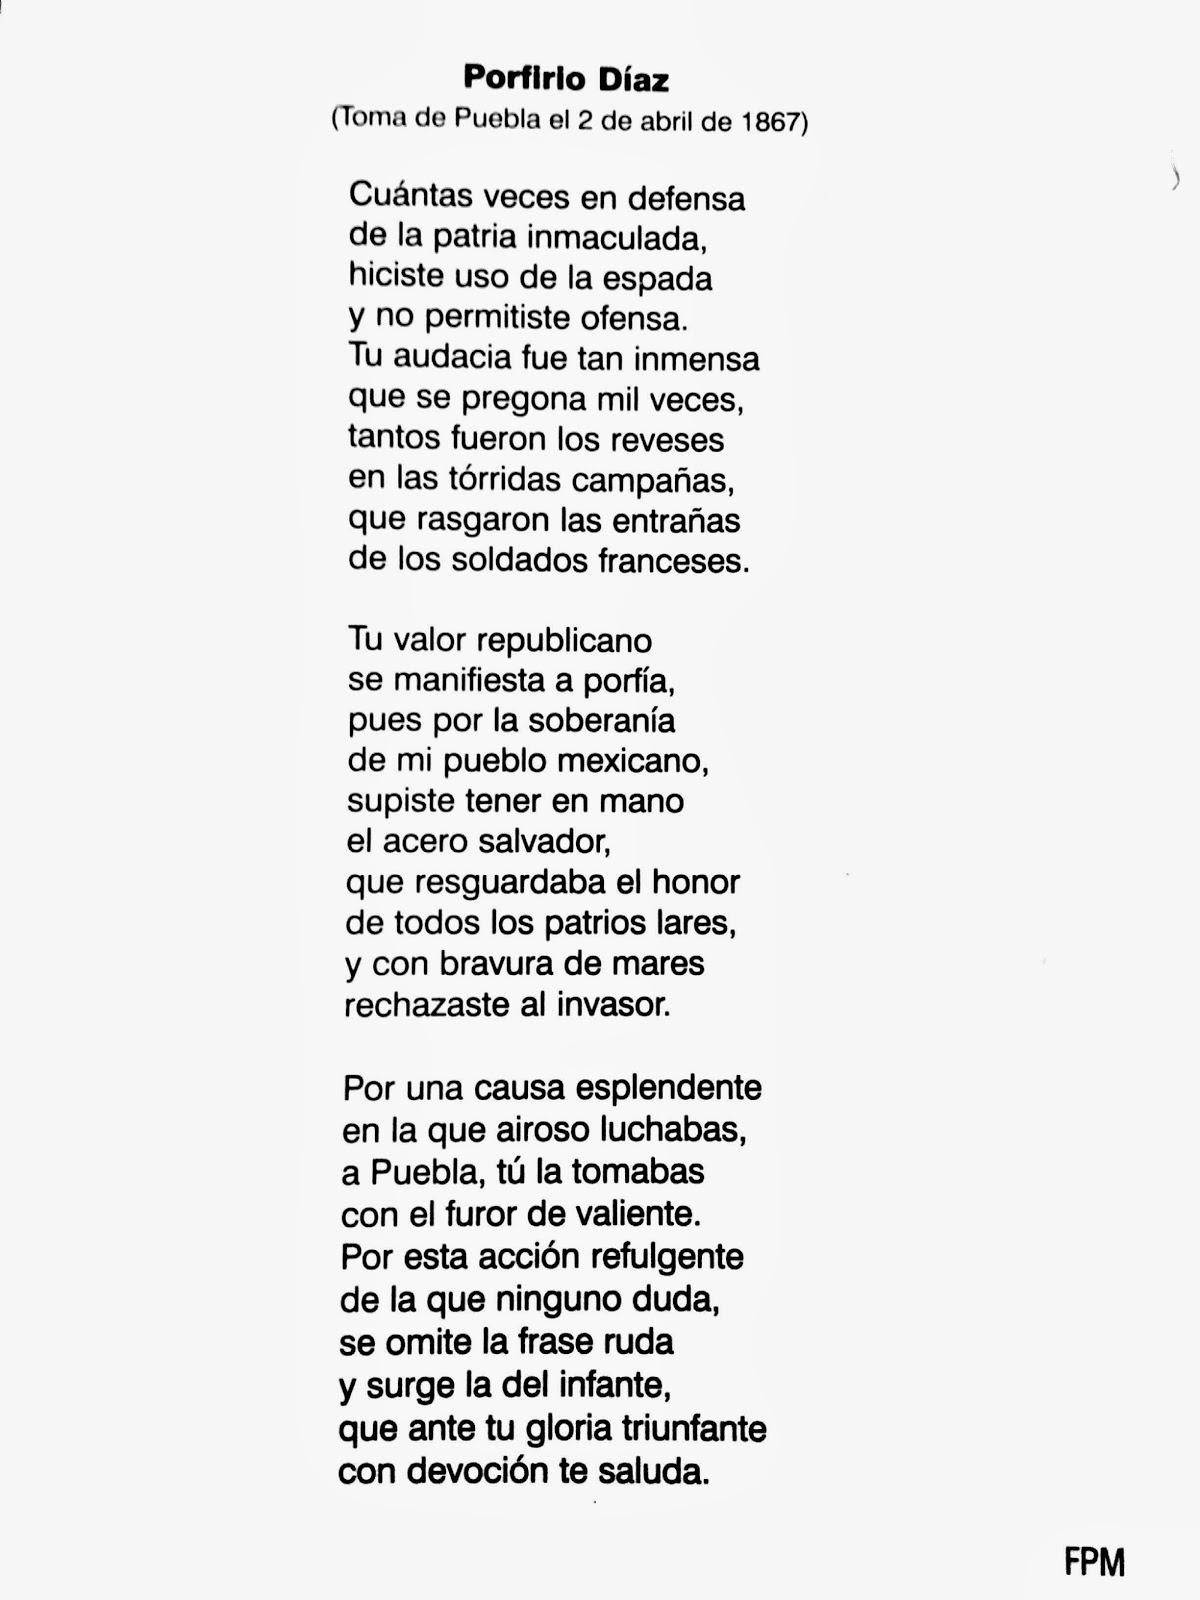 Poesía a Porfirio Diaz